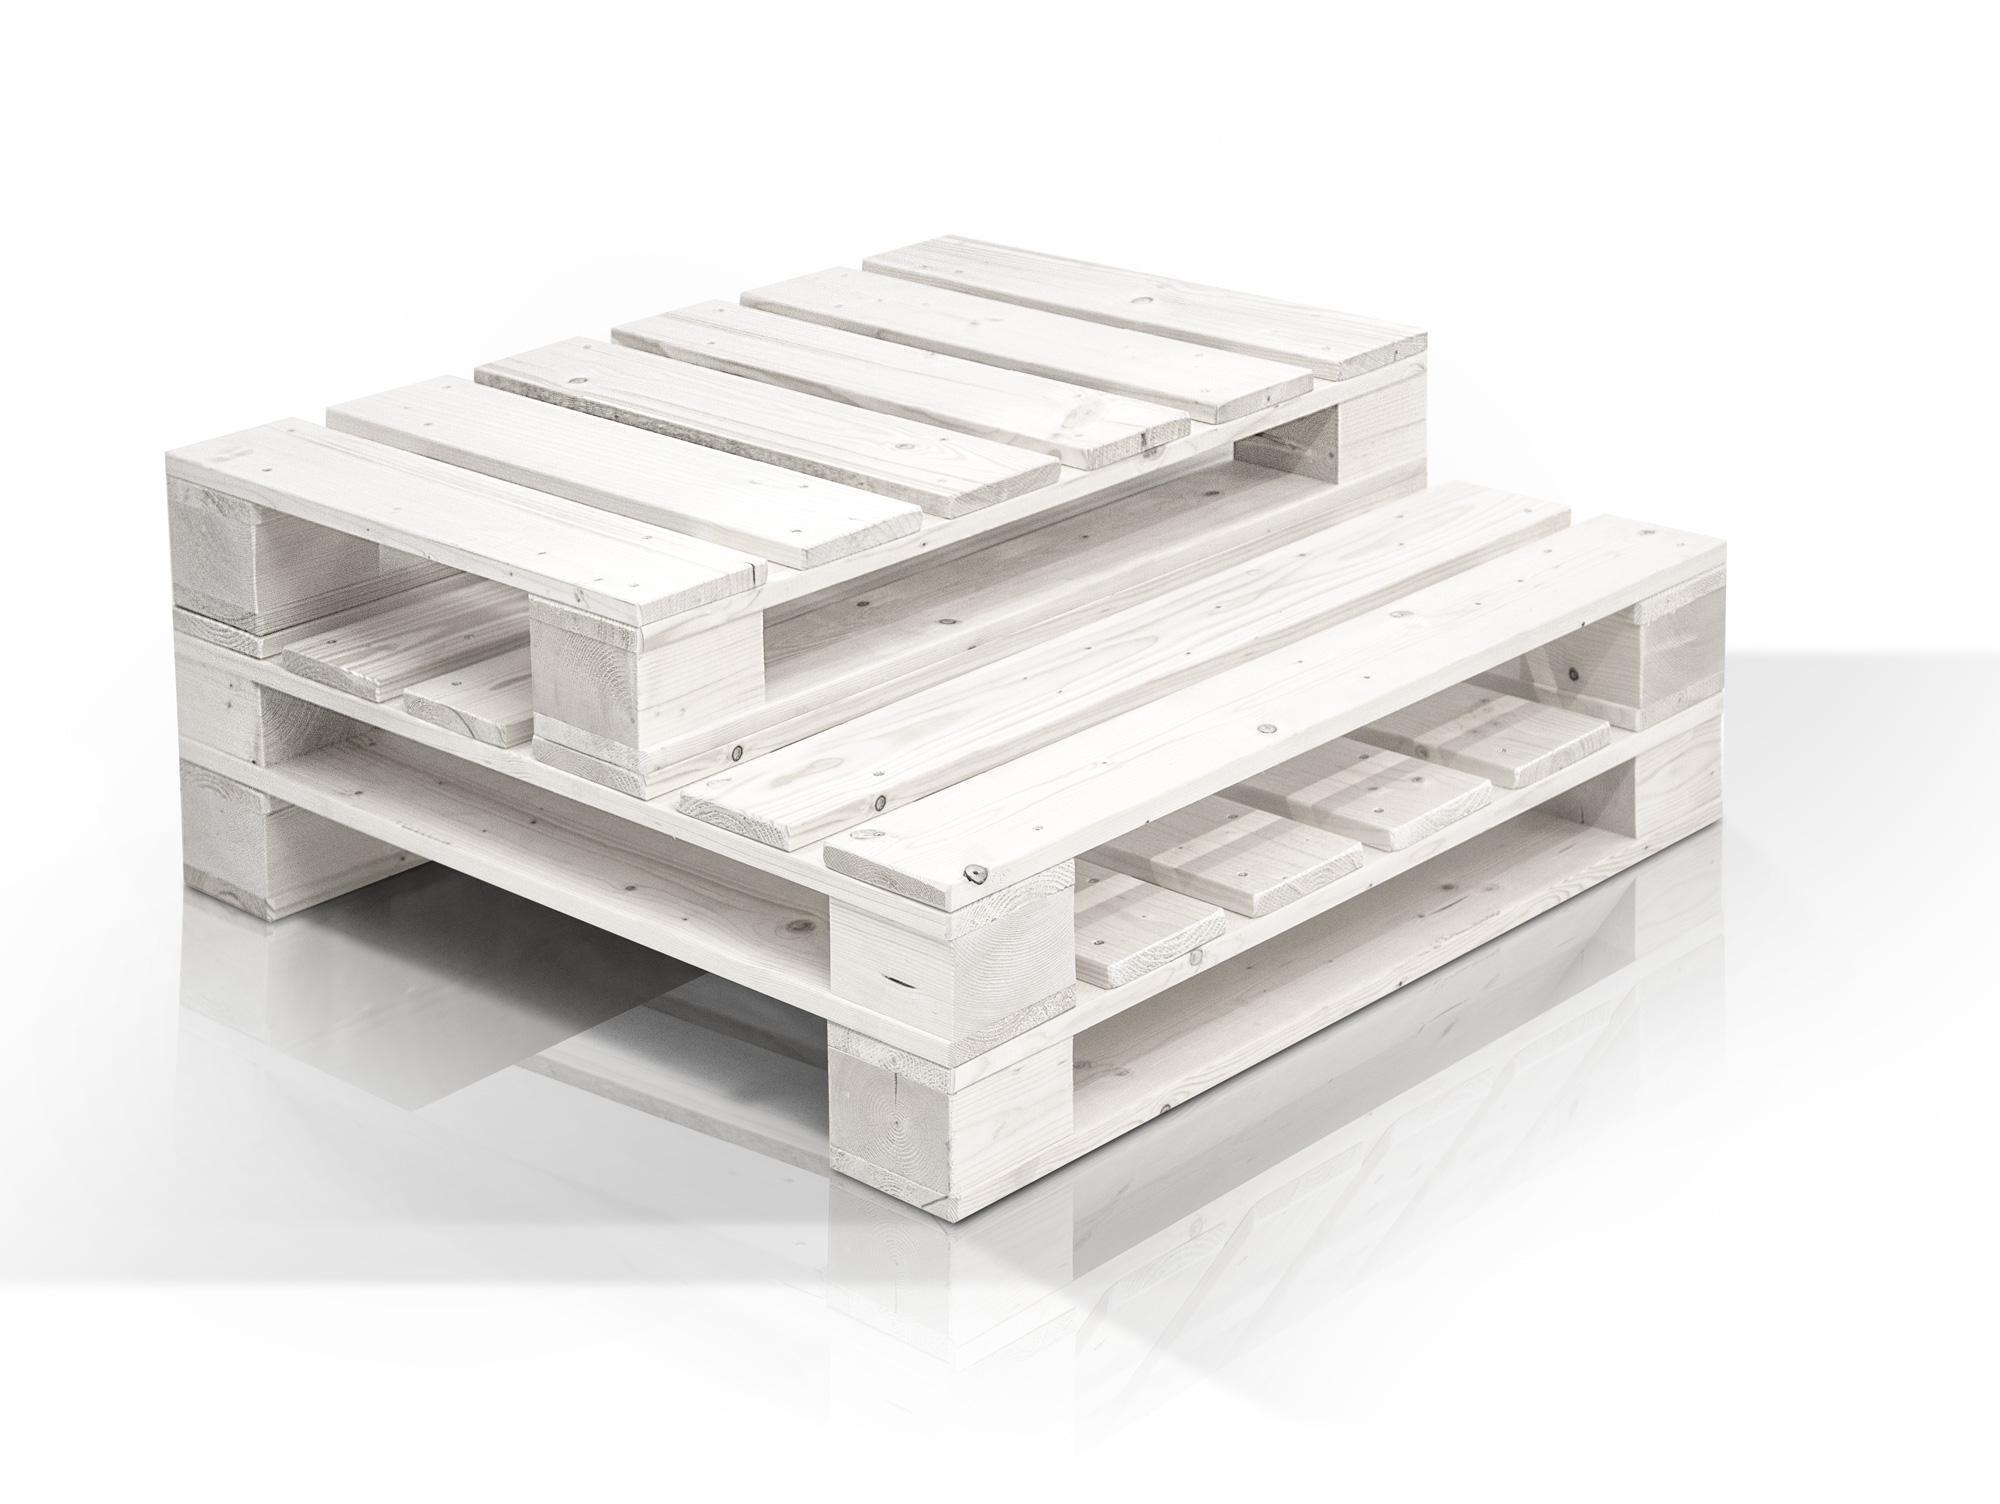 paletti couchtisch aus paletten 90x90 cm weiss lackiert. Black Bedroom Furniture Sets. Home Design Ideas